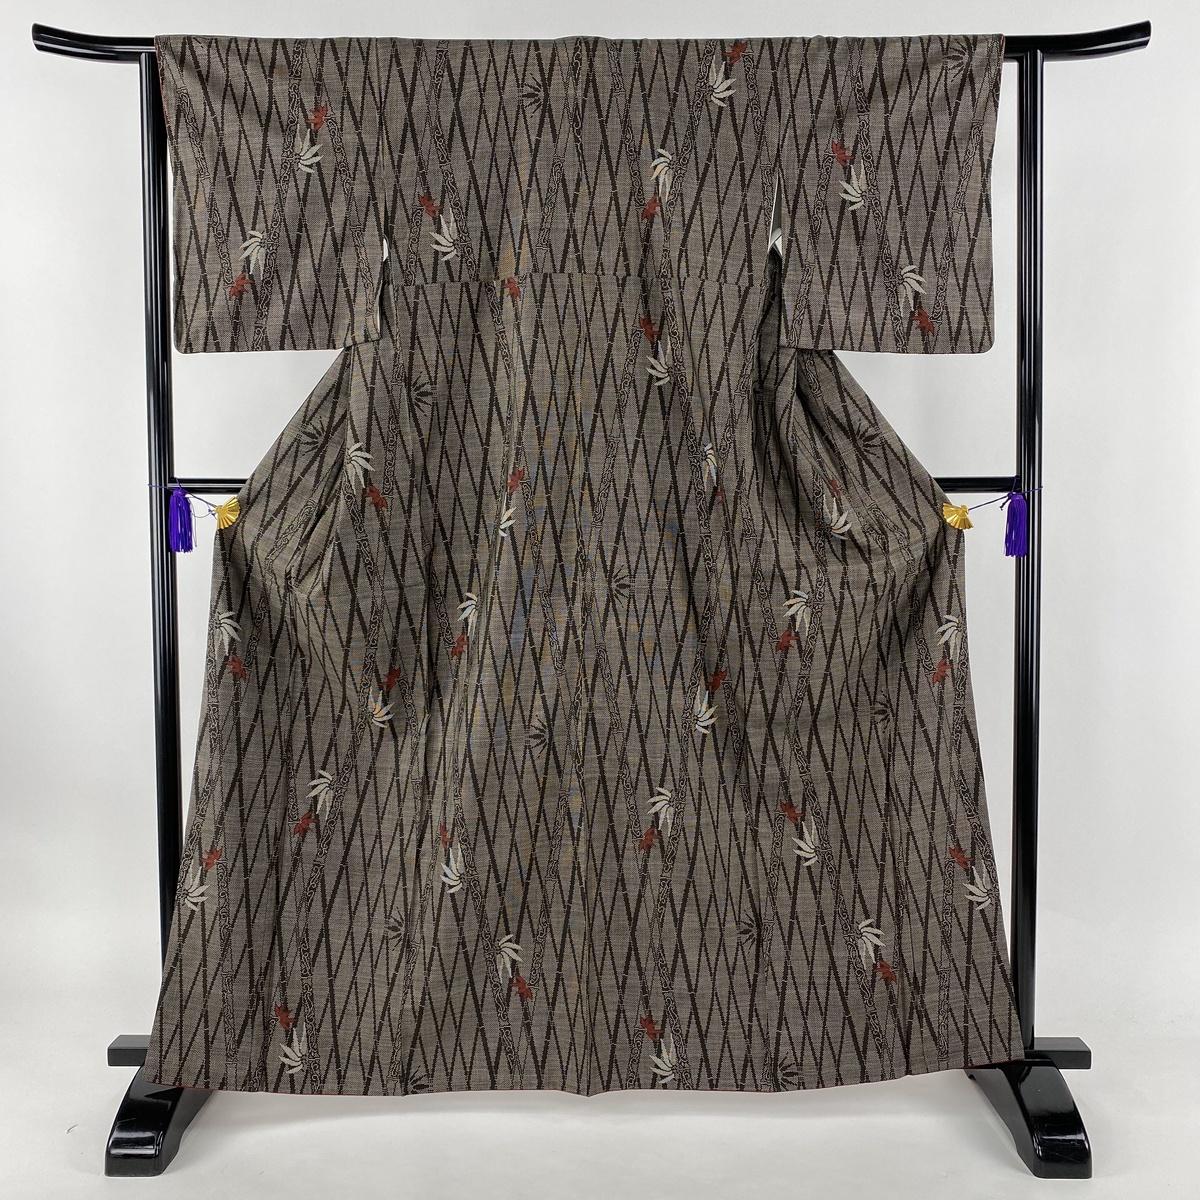 紬 美品 秀品 竹 焦茶色 袷 身丈163.5cm 裄丈63cm S 正絹 【中古】